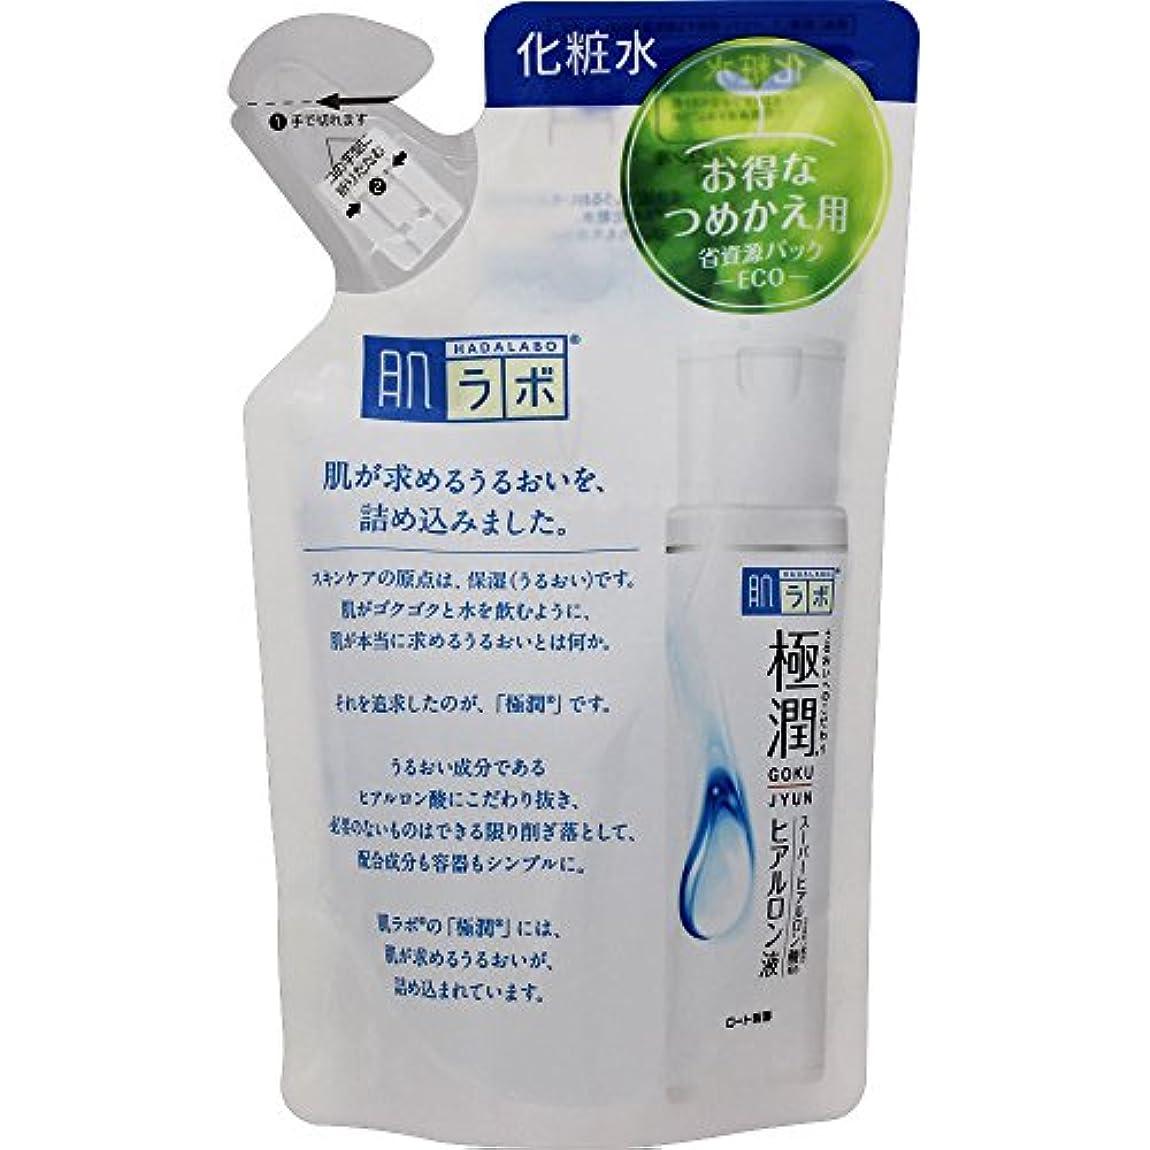 コックマイルストーン松明肌ラボ 極潤 ヒアルロン酸 化粧水 ヒアルロン酸3種配合 詰替用 170ml